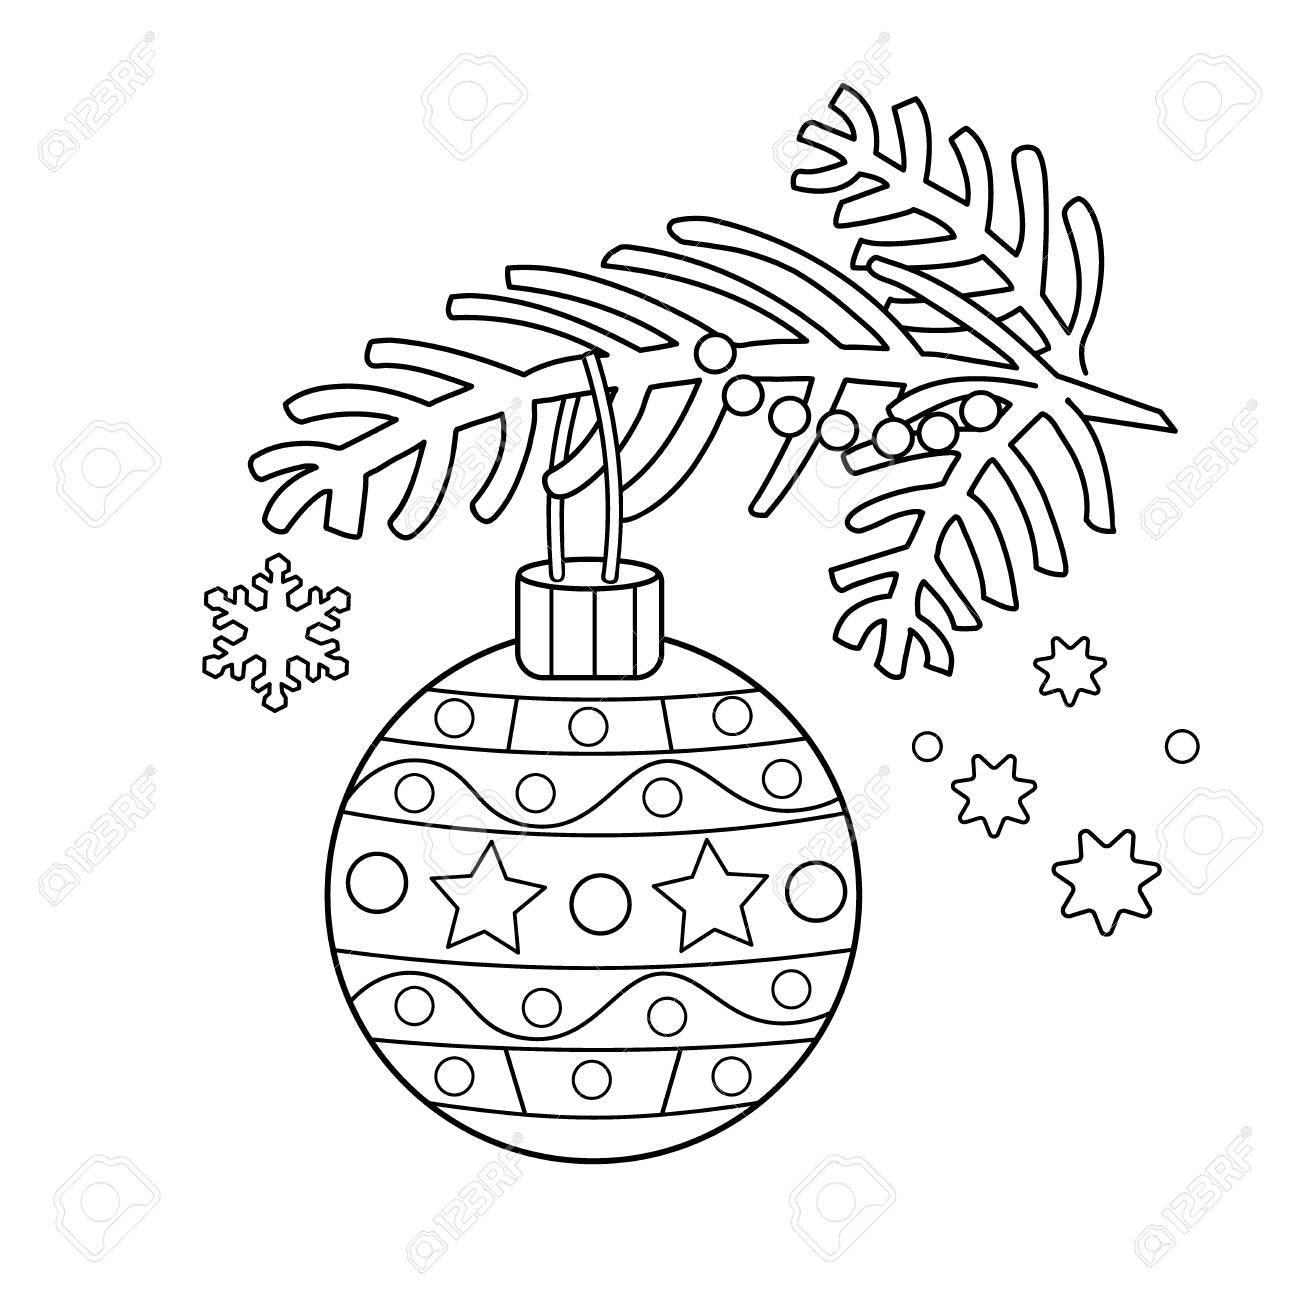 Malvorlage Der Weihnachtsdekoration. Weihnachtsbaum Zweig. Neujahr ...